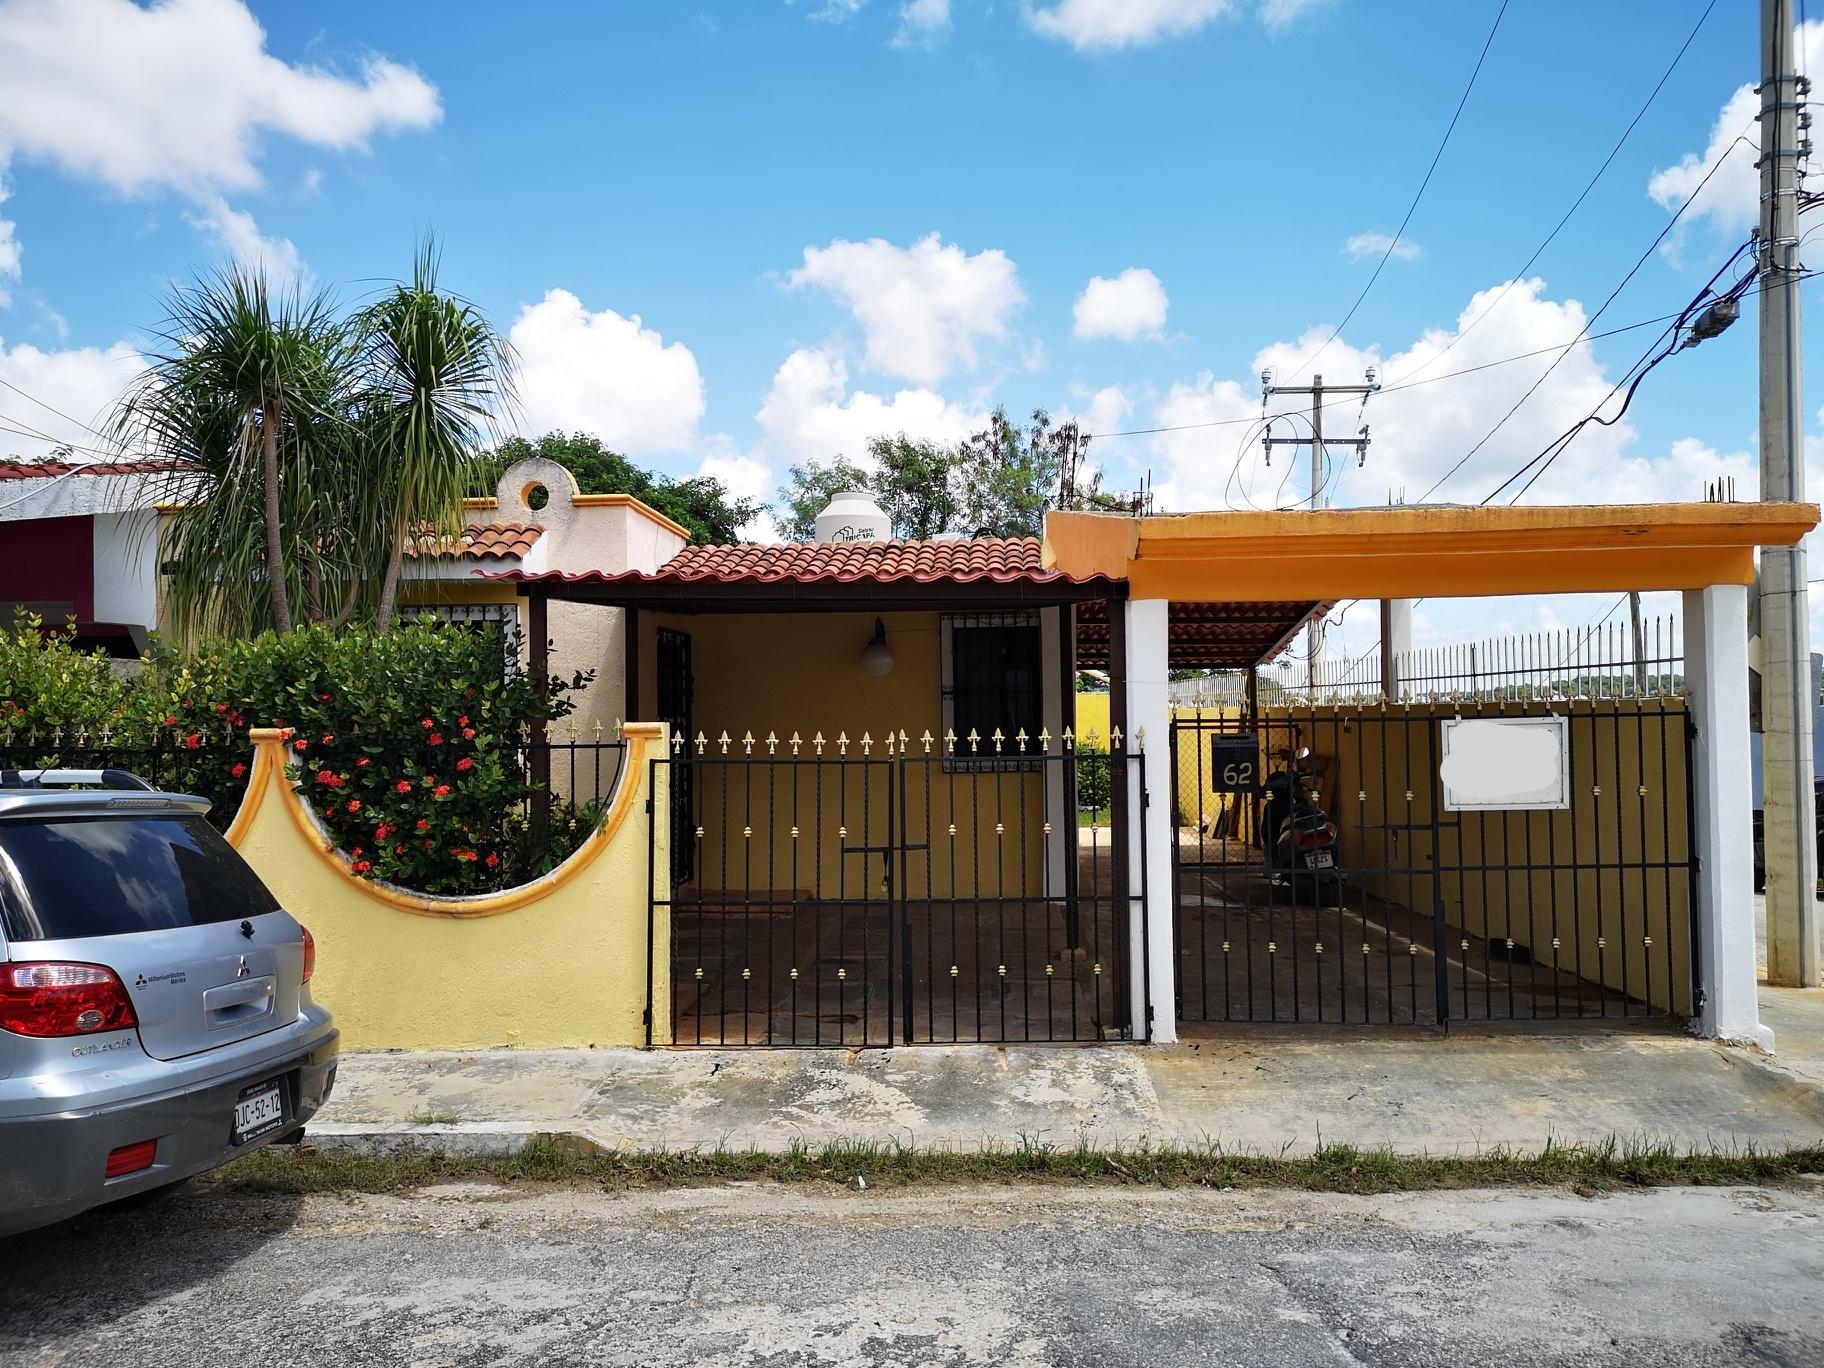 Venta de casa Laureles 2 a unos pasos de la Av. Lopez Portillo